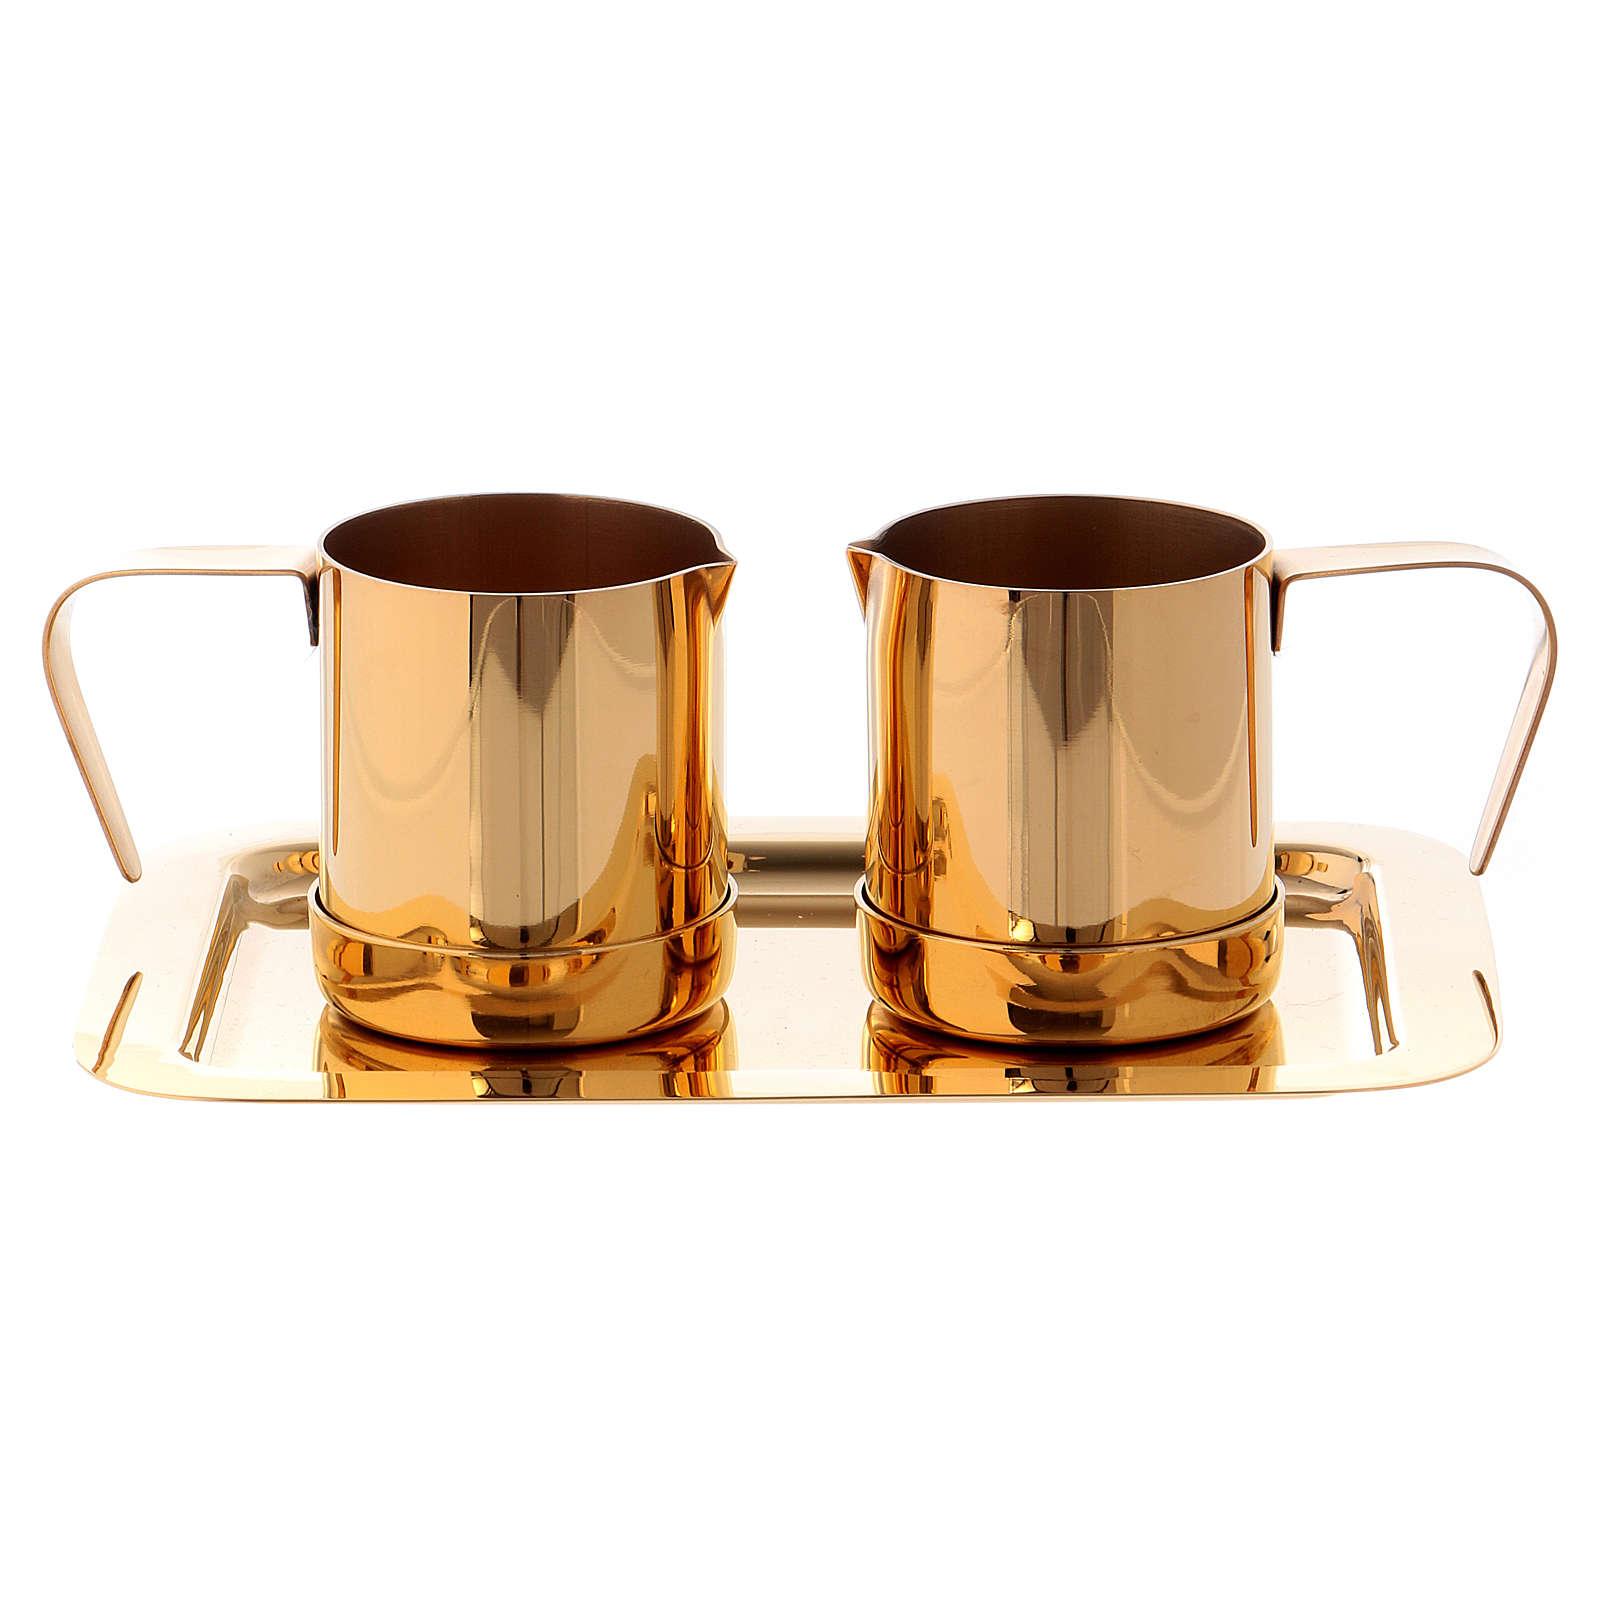 Valigetta per celebrazioni oggetti ottone dorato Molina 3